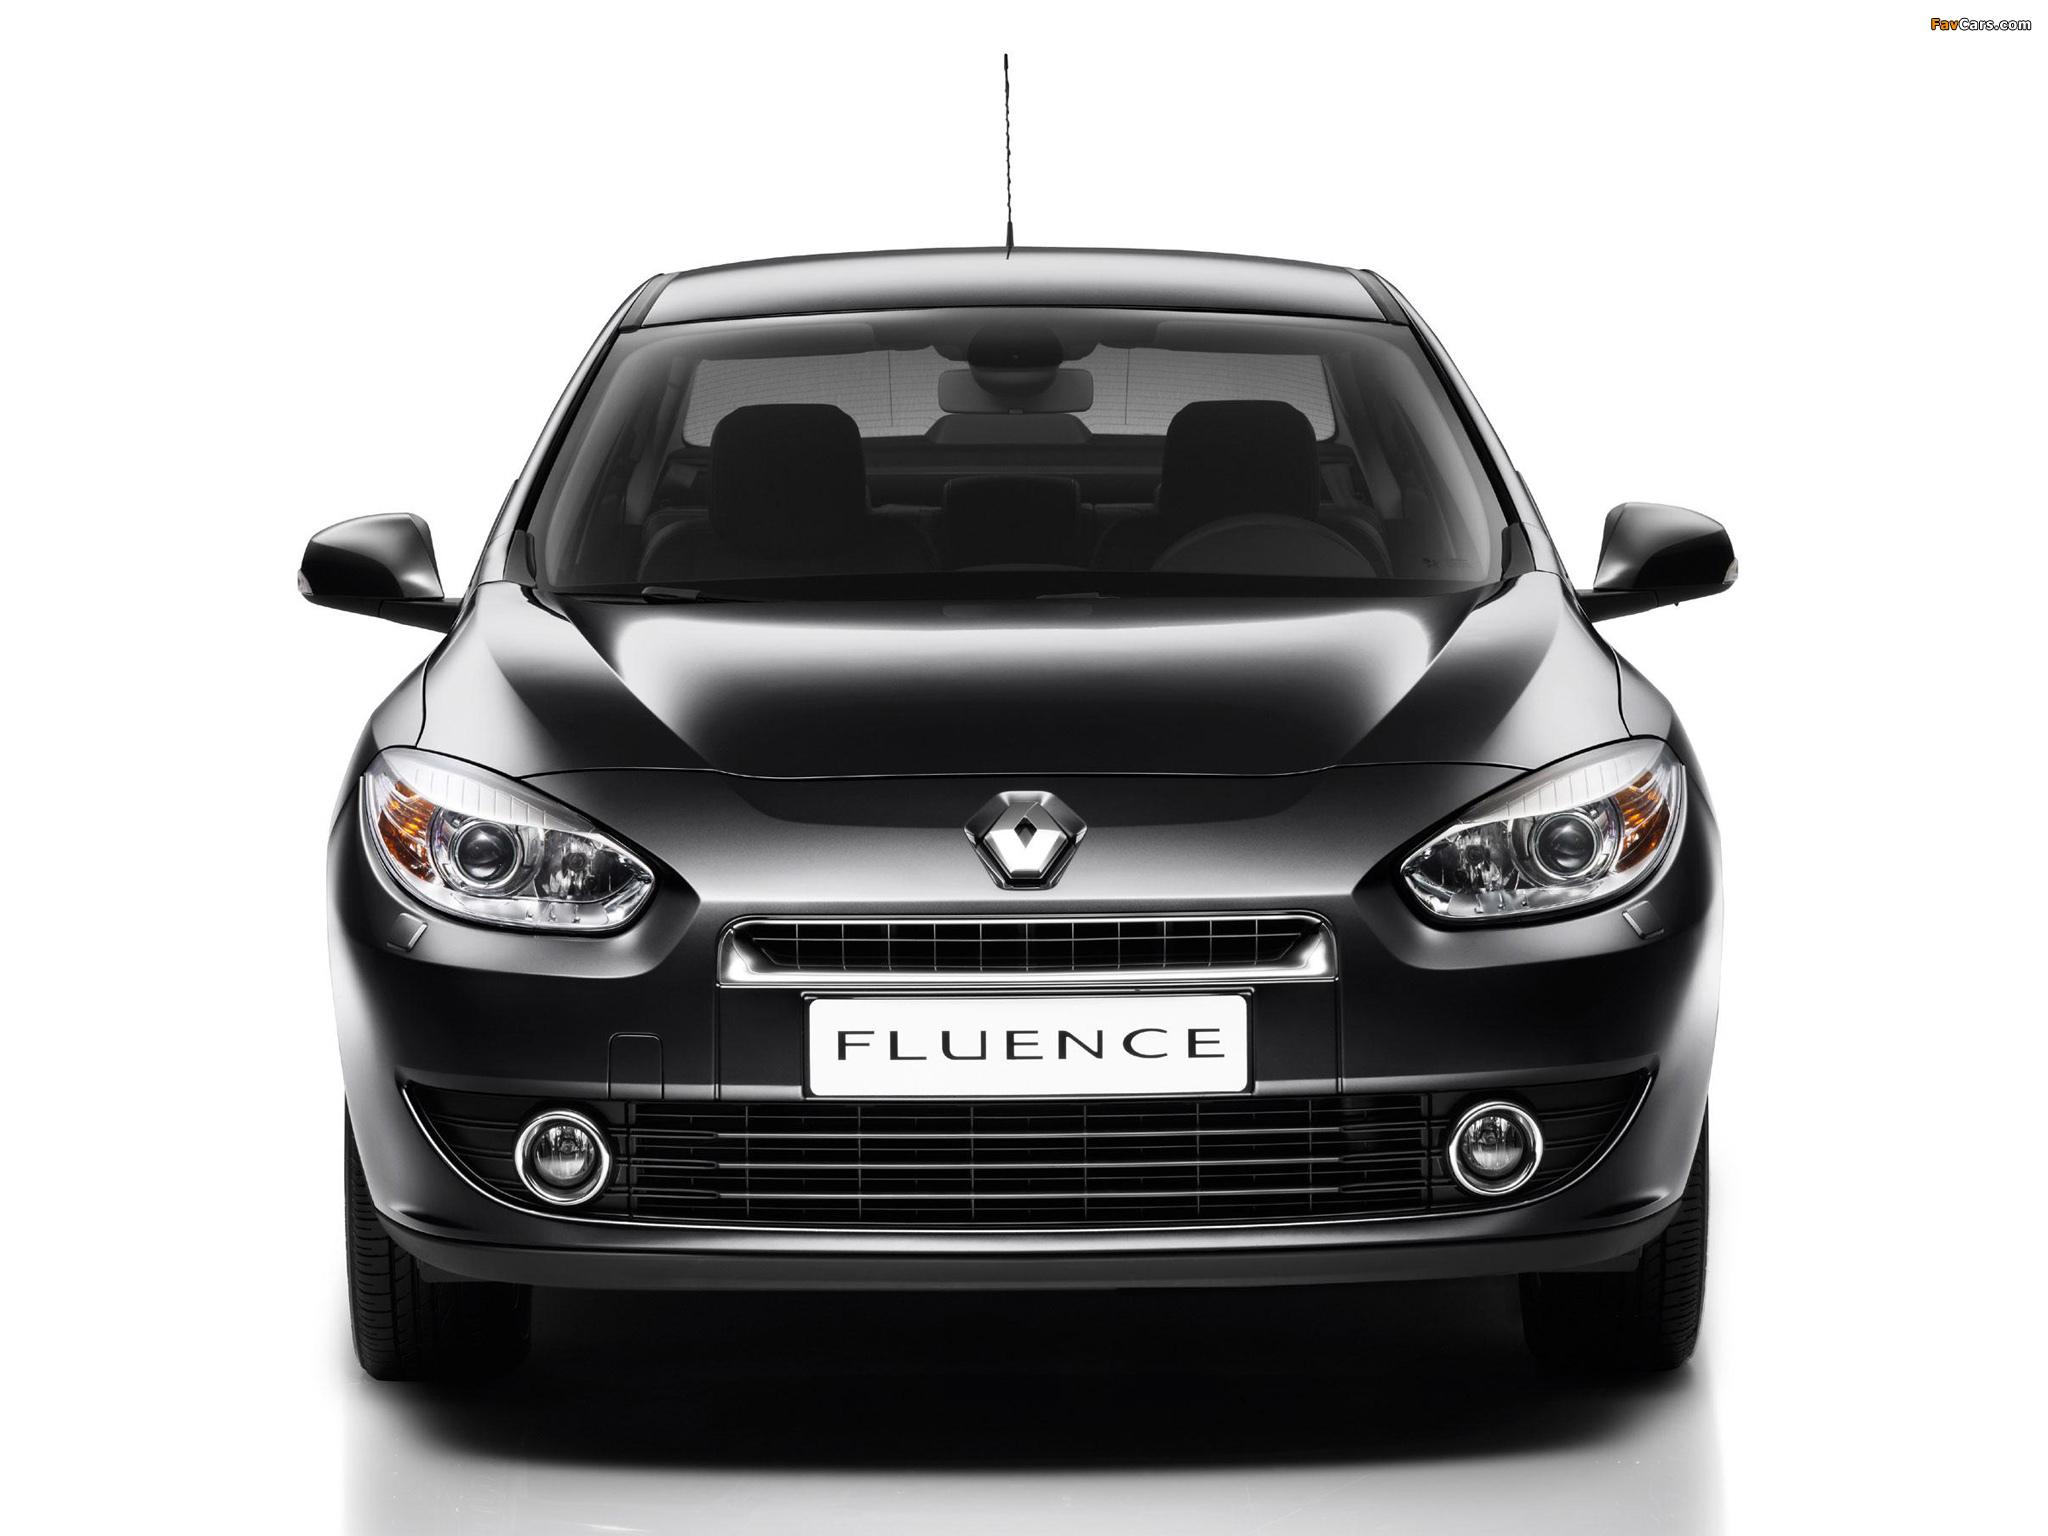 Кузов Renault Fluence бьет током